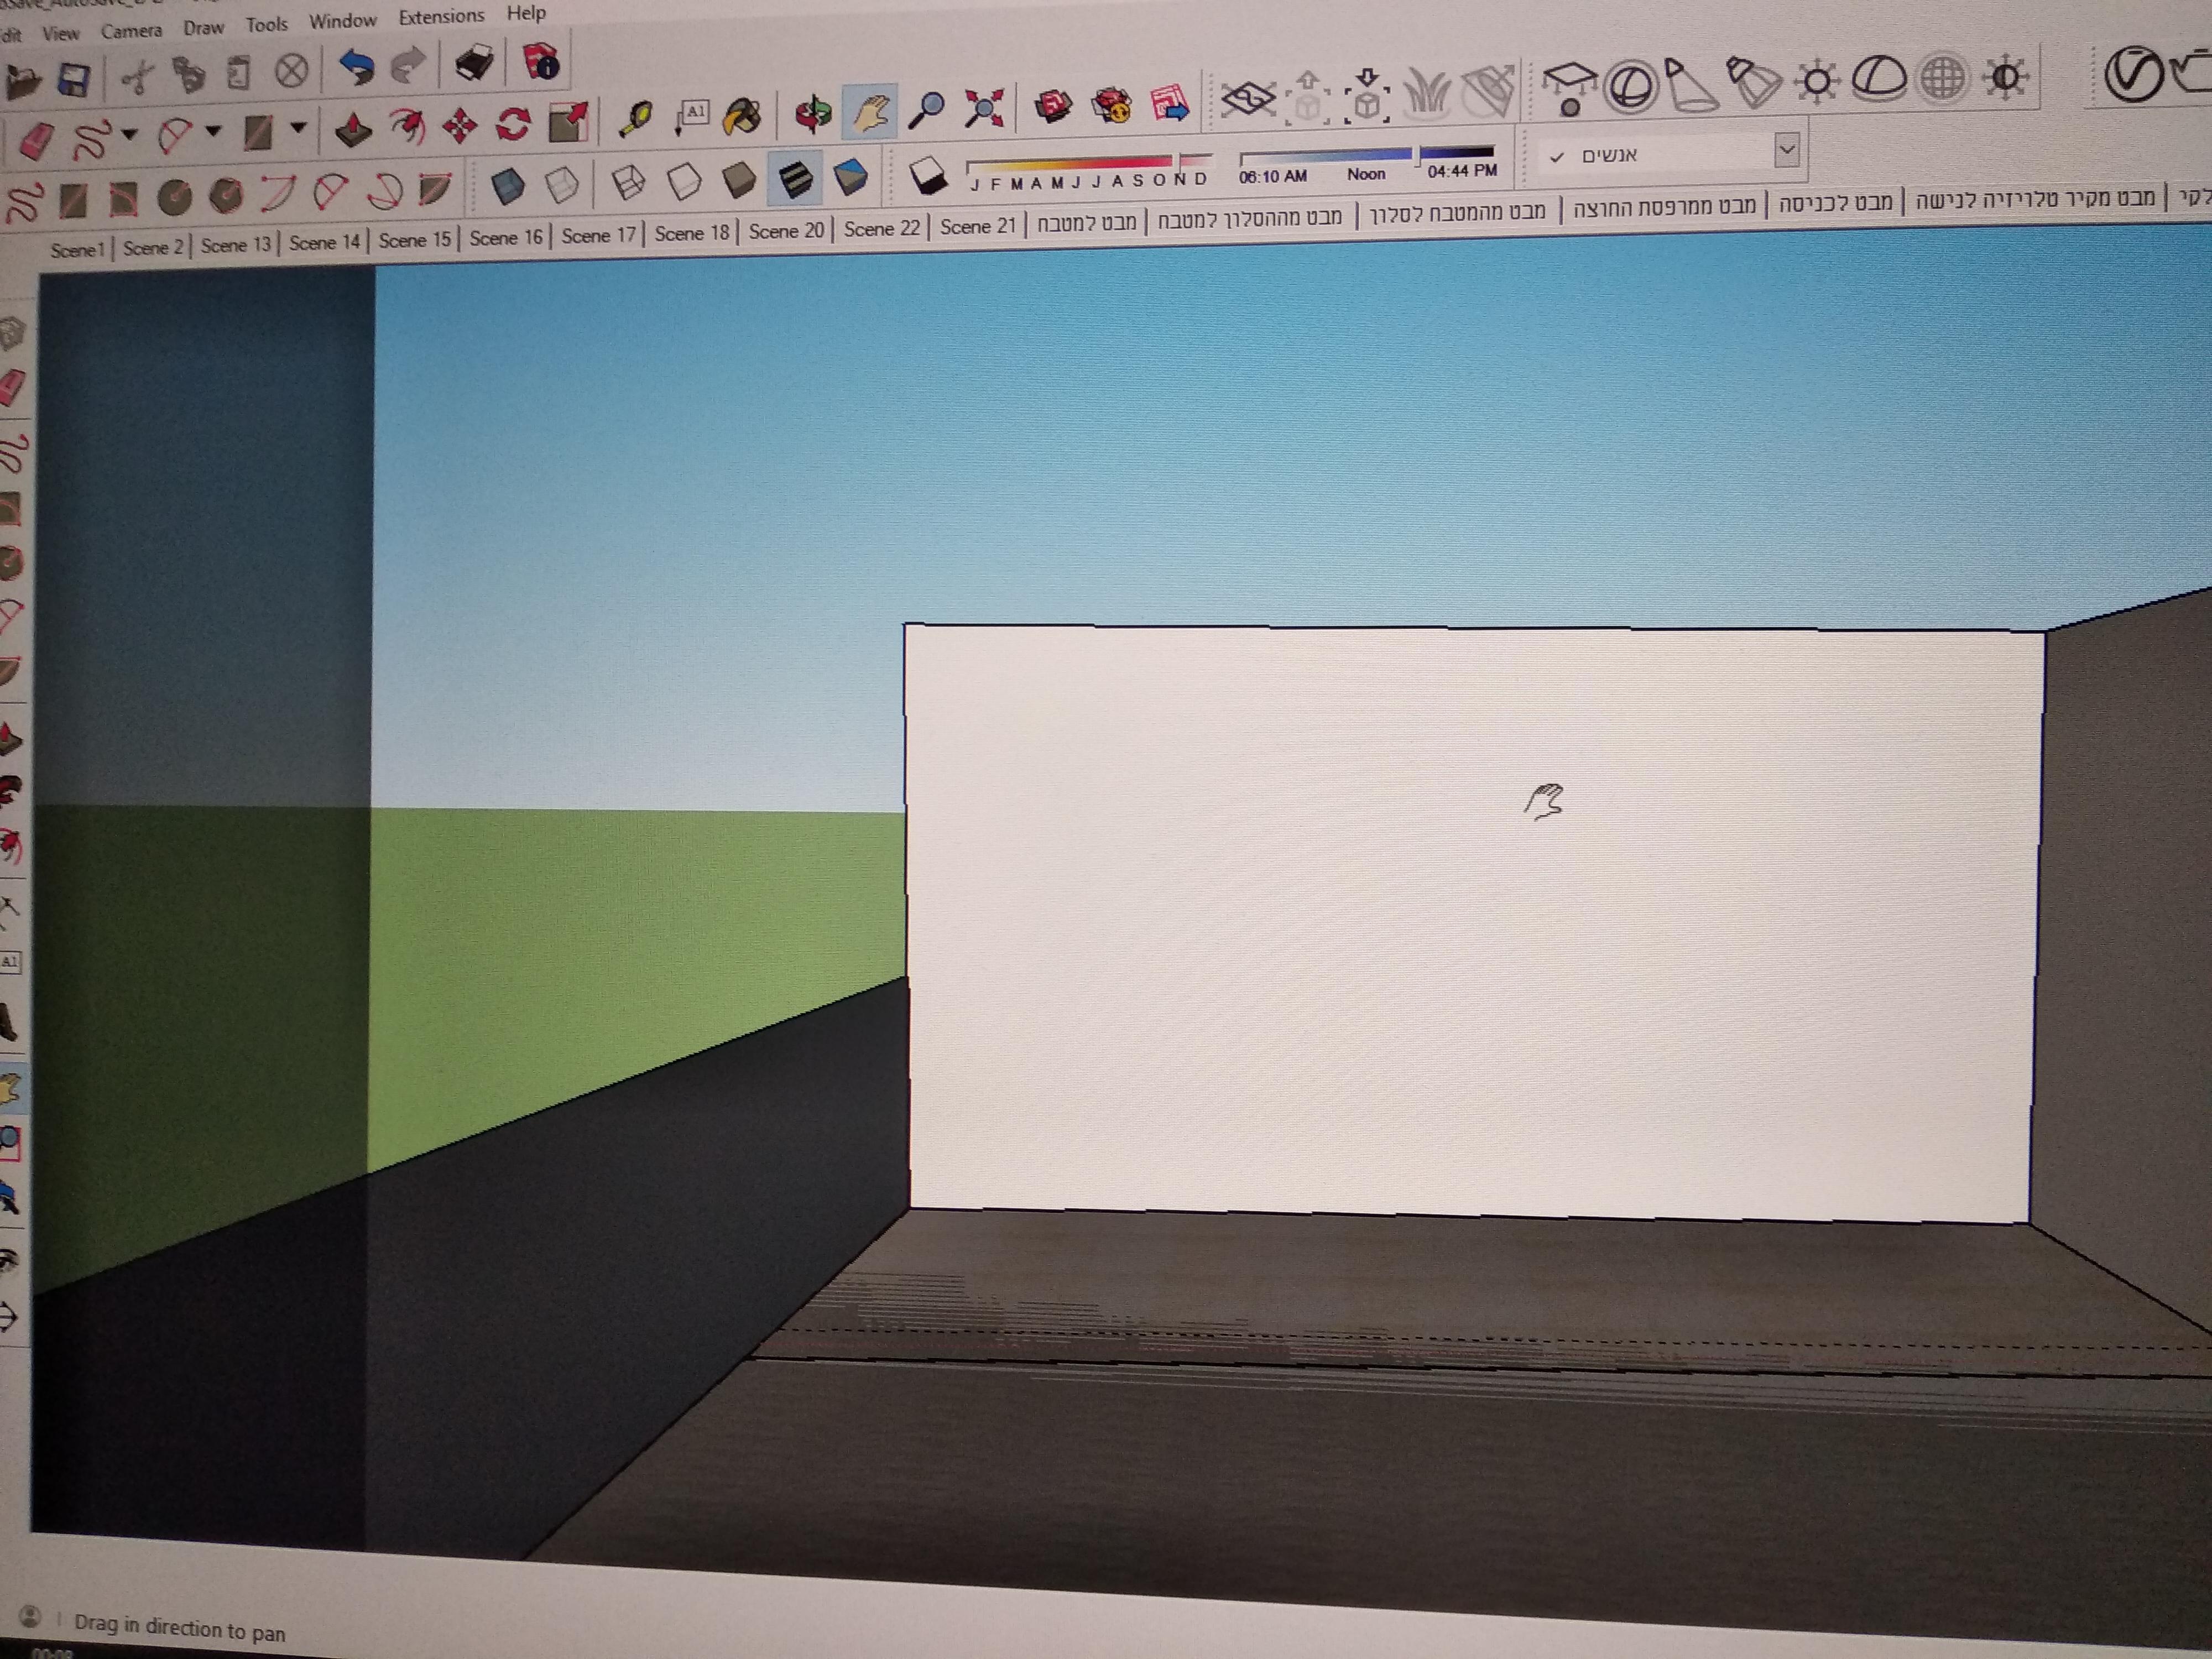 """מענה ל־עזרה  הופיע על צד שמאל של המסך מלבן כהה צר וארוך. מצ""""ב תמונה 1"""